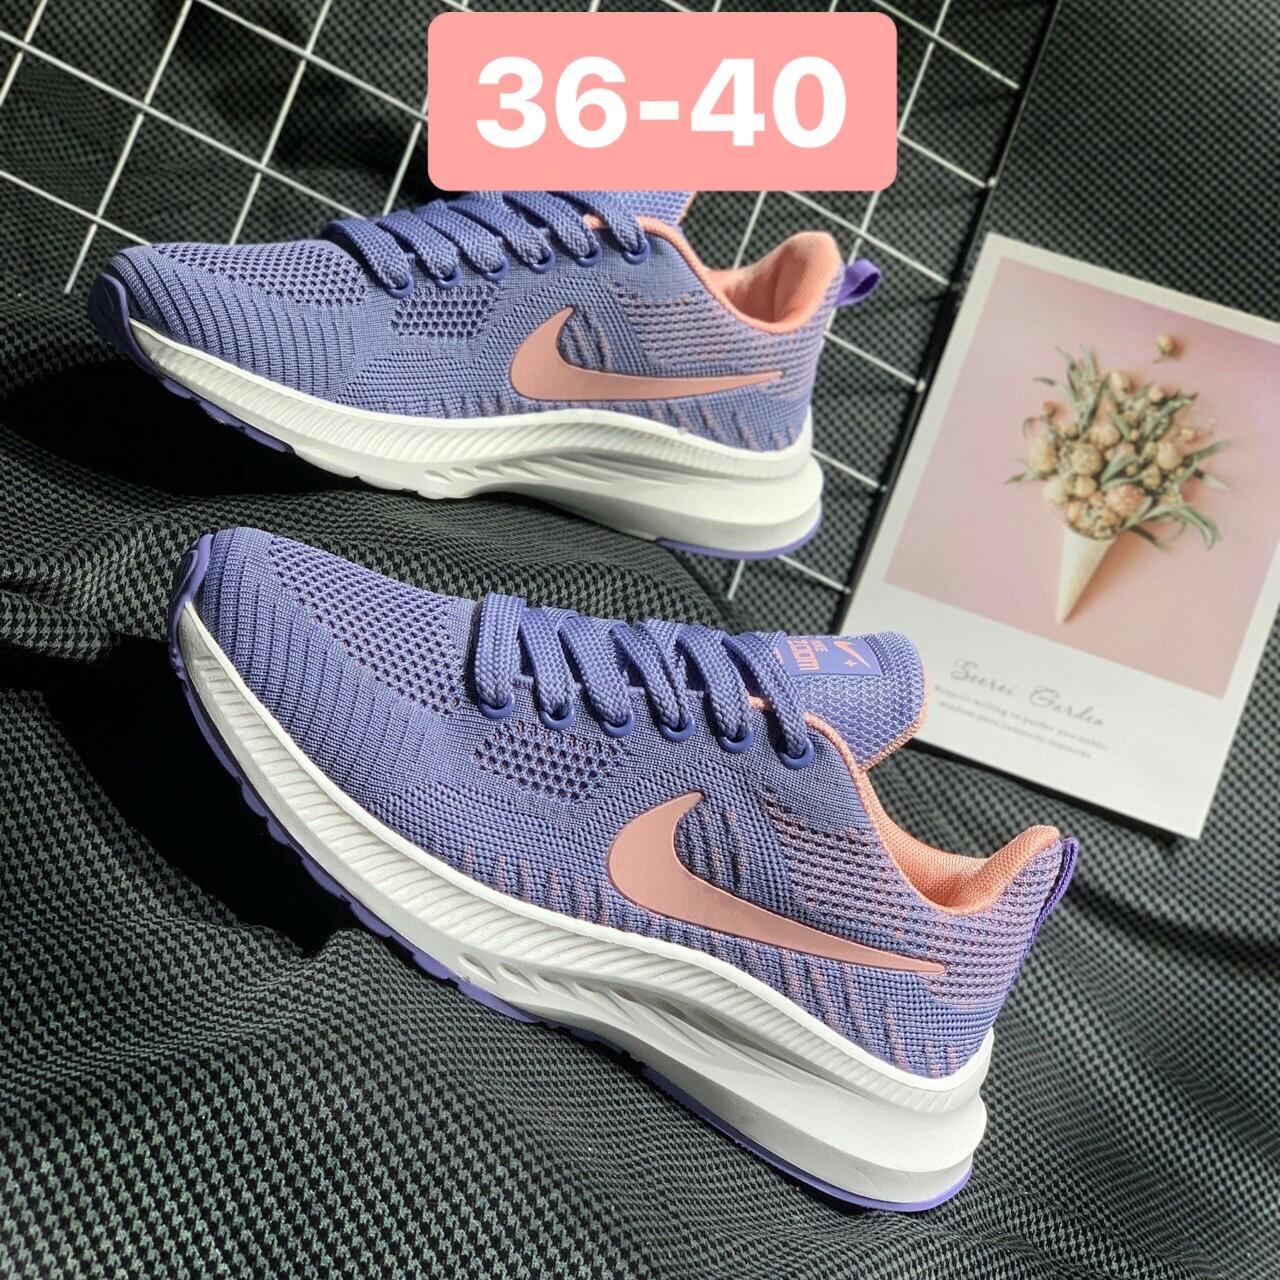 Giày Nike Zoom nữ F17 màu tím Pastel